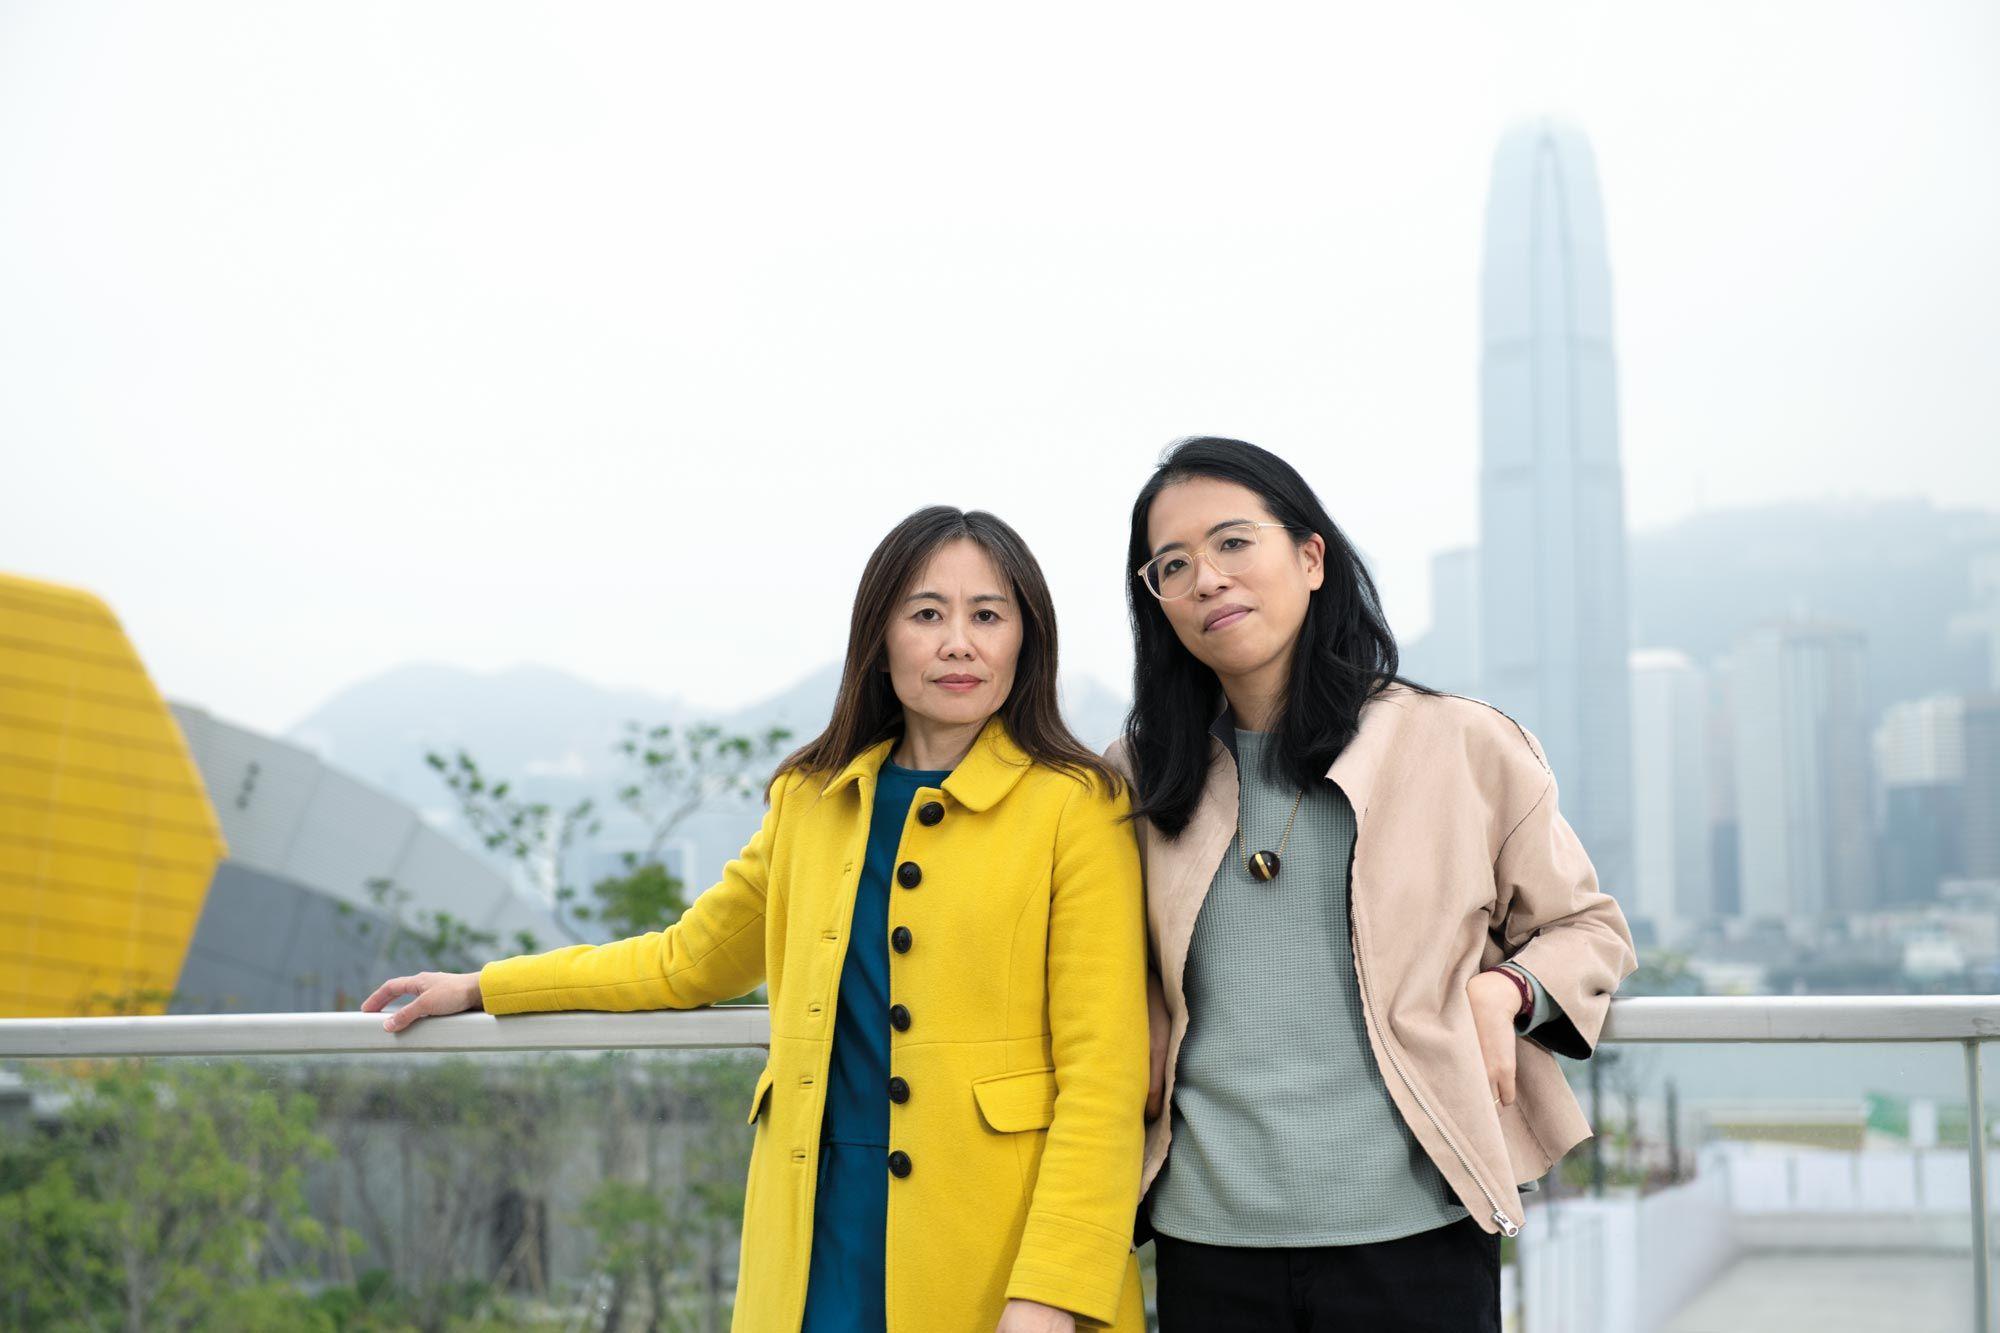 Venice Biennale 2019: Shirley Tse On The Hong Kong Pavilion